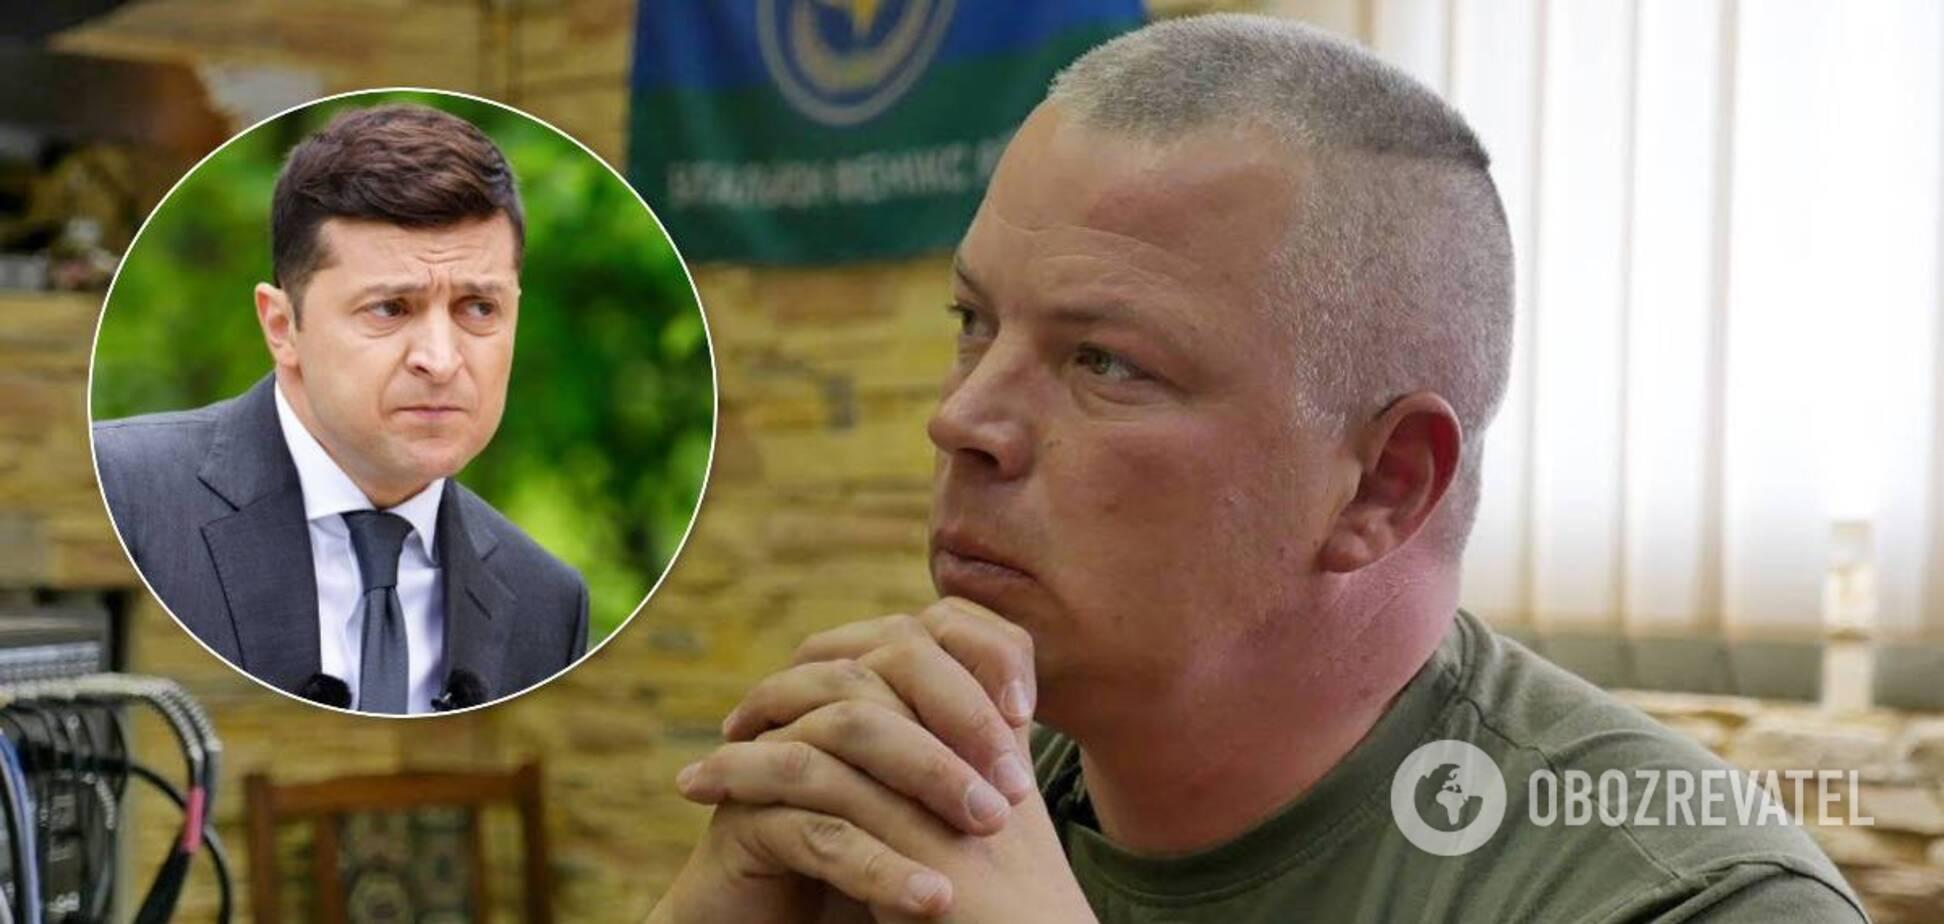 Забродський розповів, чим має бути підкріплено політичну боротьбу Зеленського